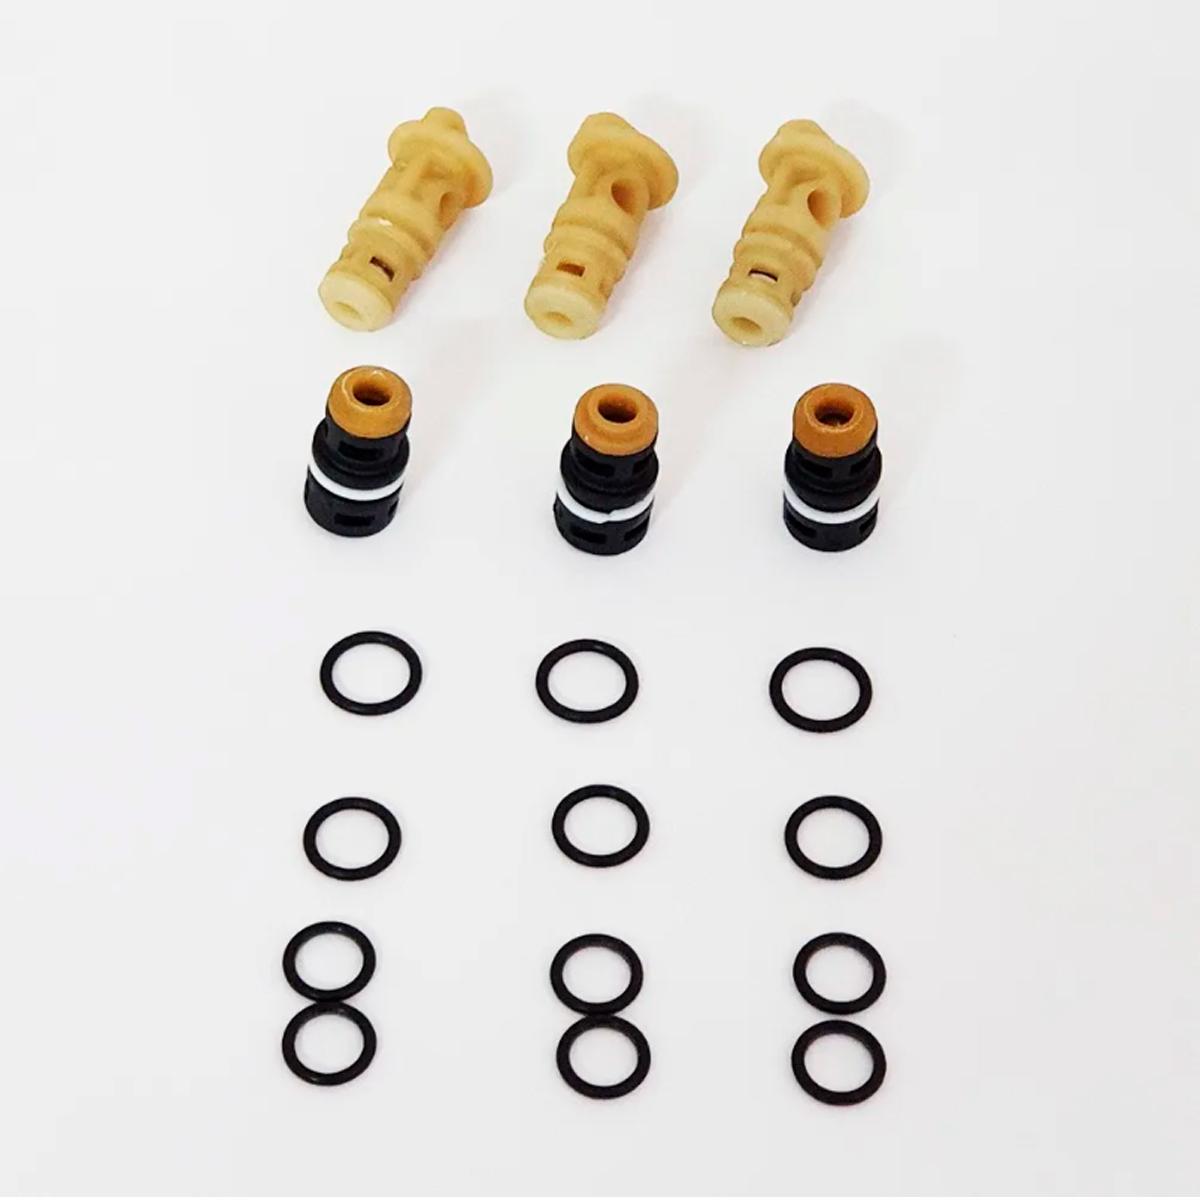 Kit Válvulas para Lavadora Oleo-Mac PW136 18pçs Original